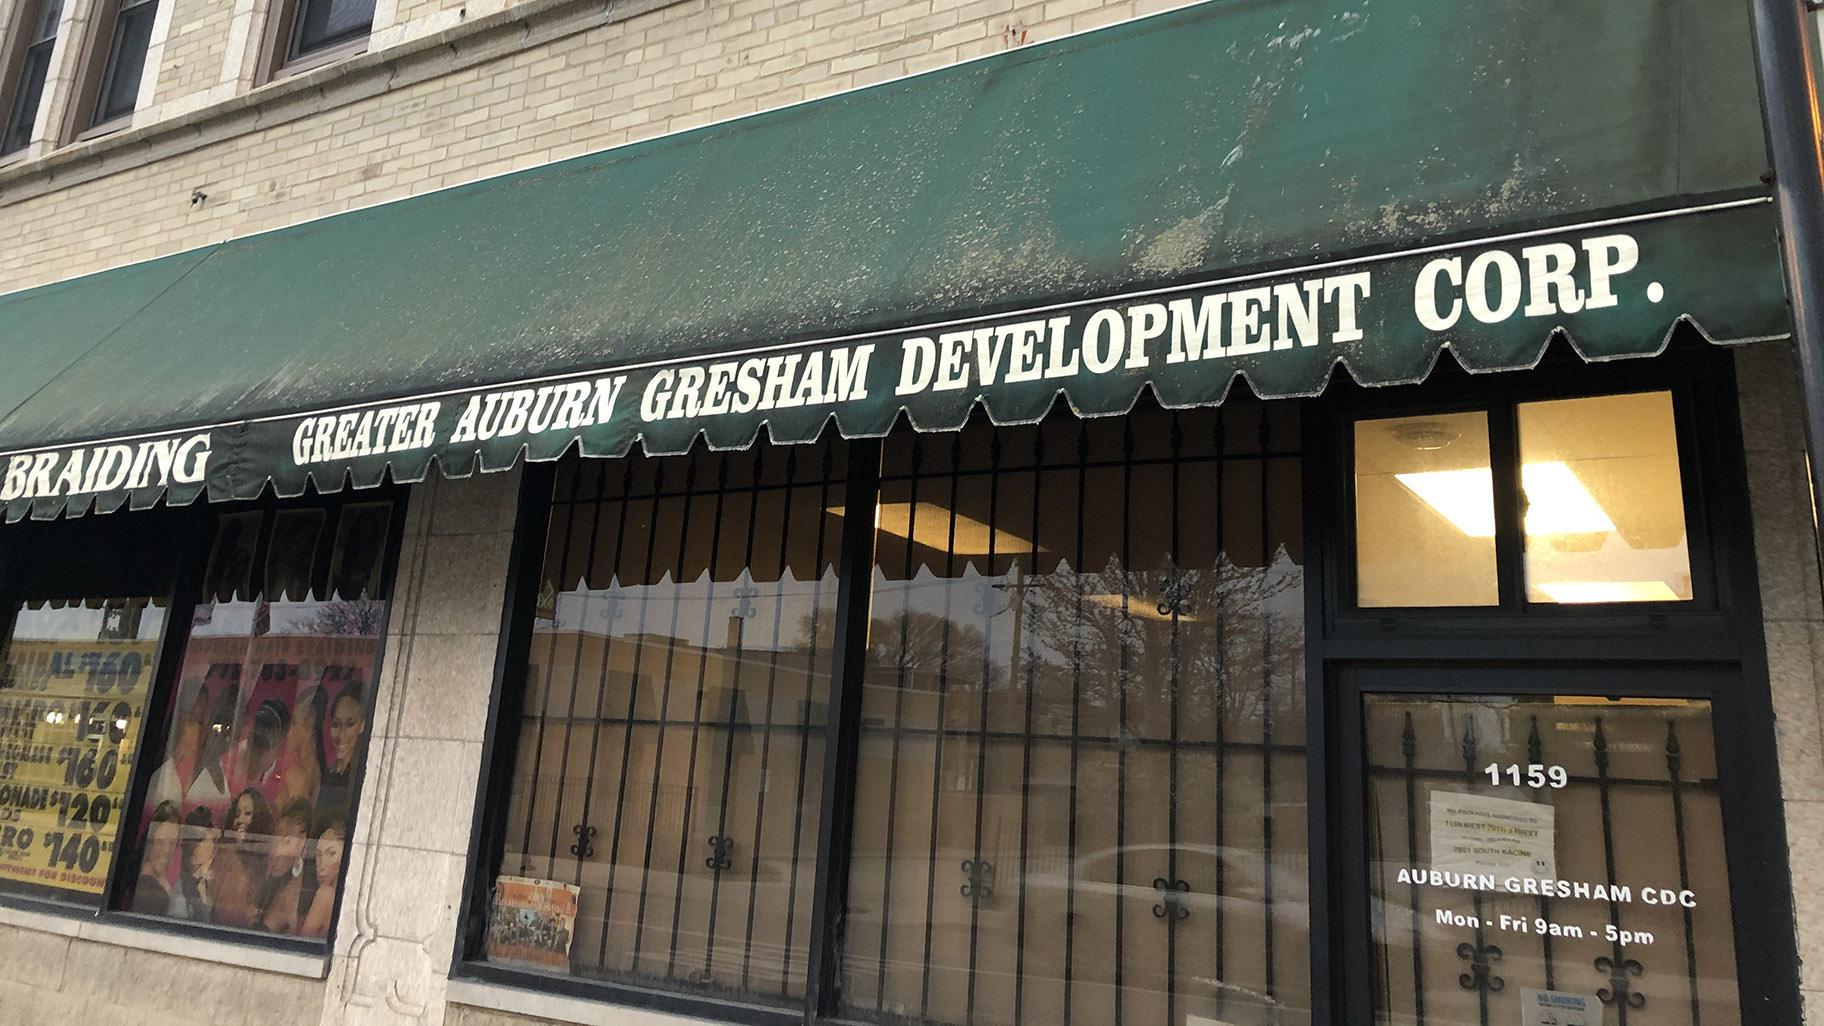 The Greater Auburn Gresham Development Corporation (Quinn Myers / WTTW News)